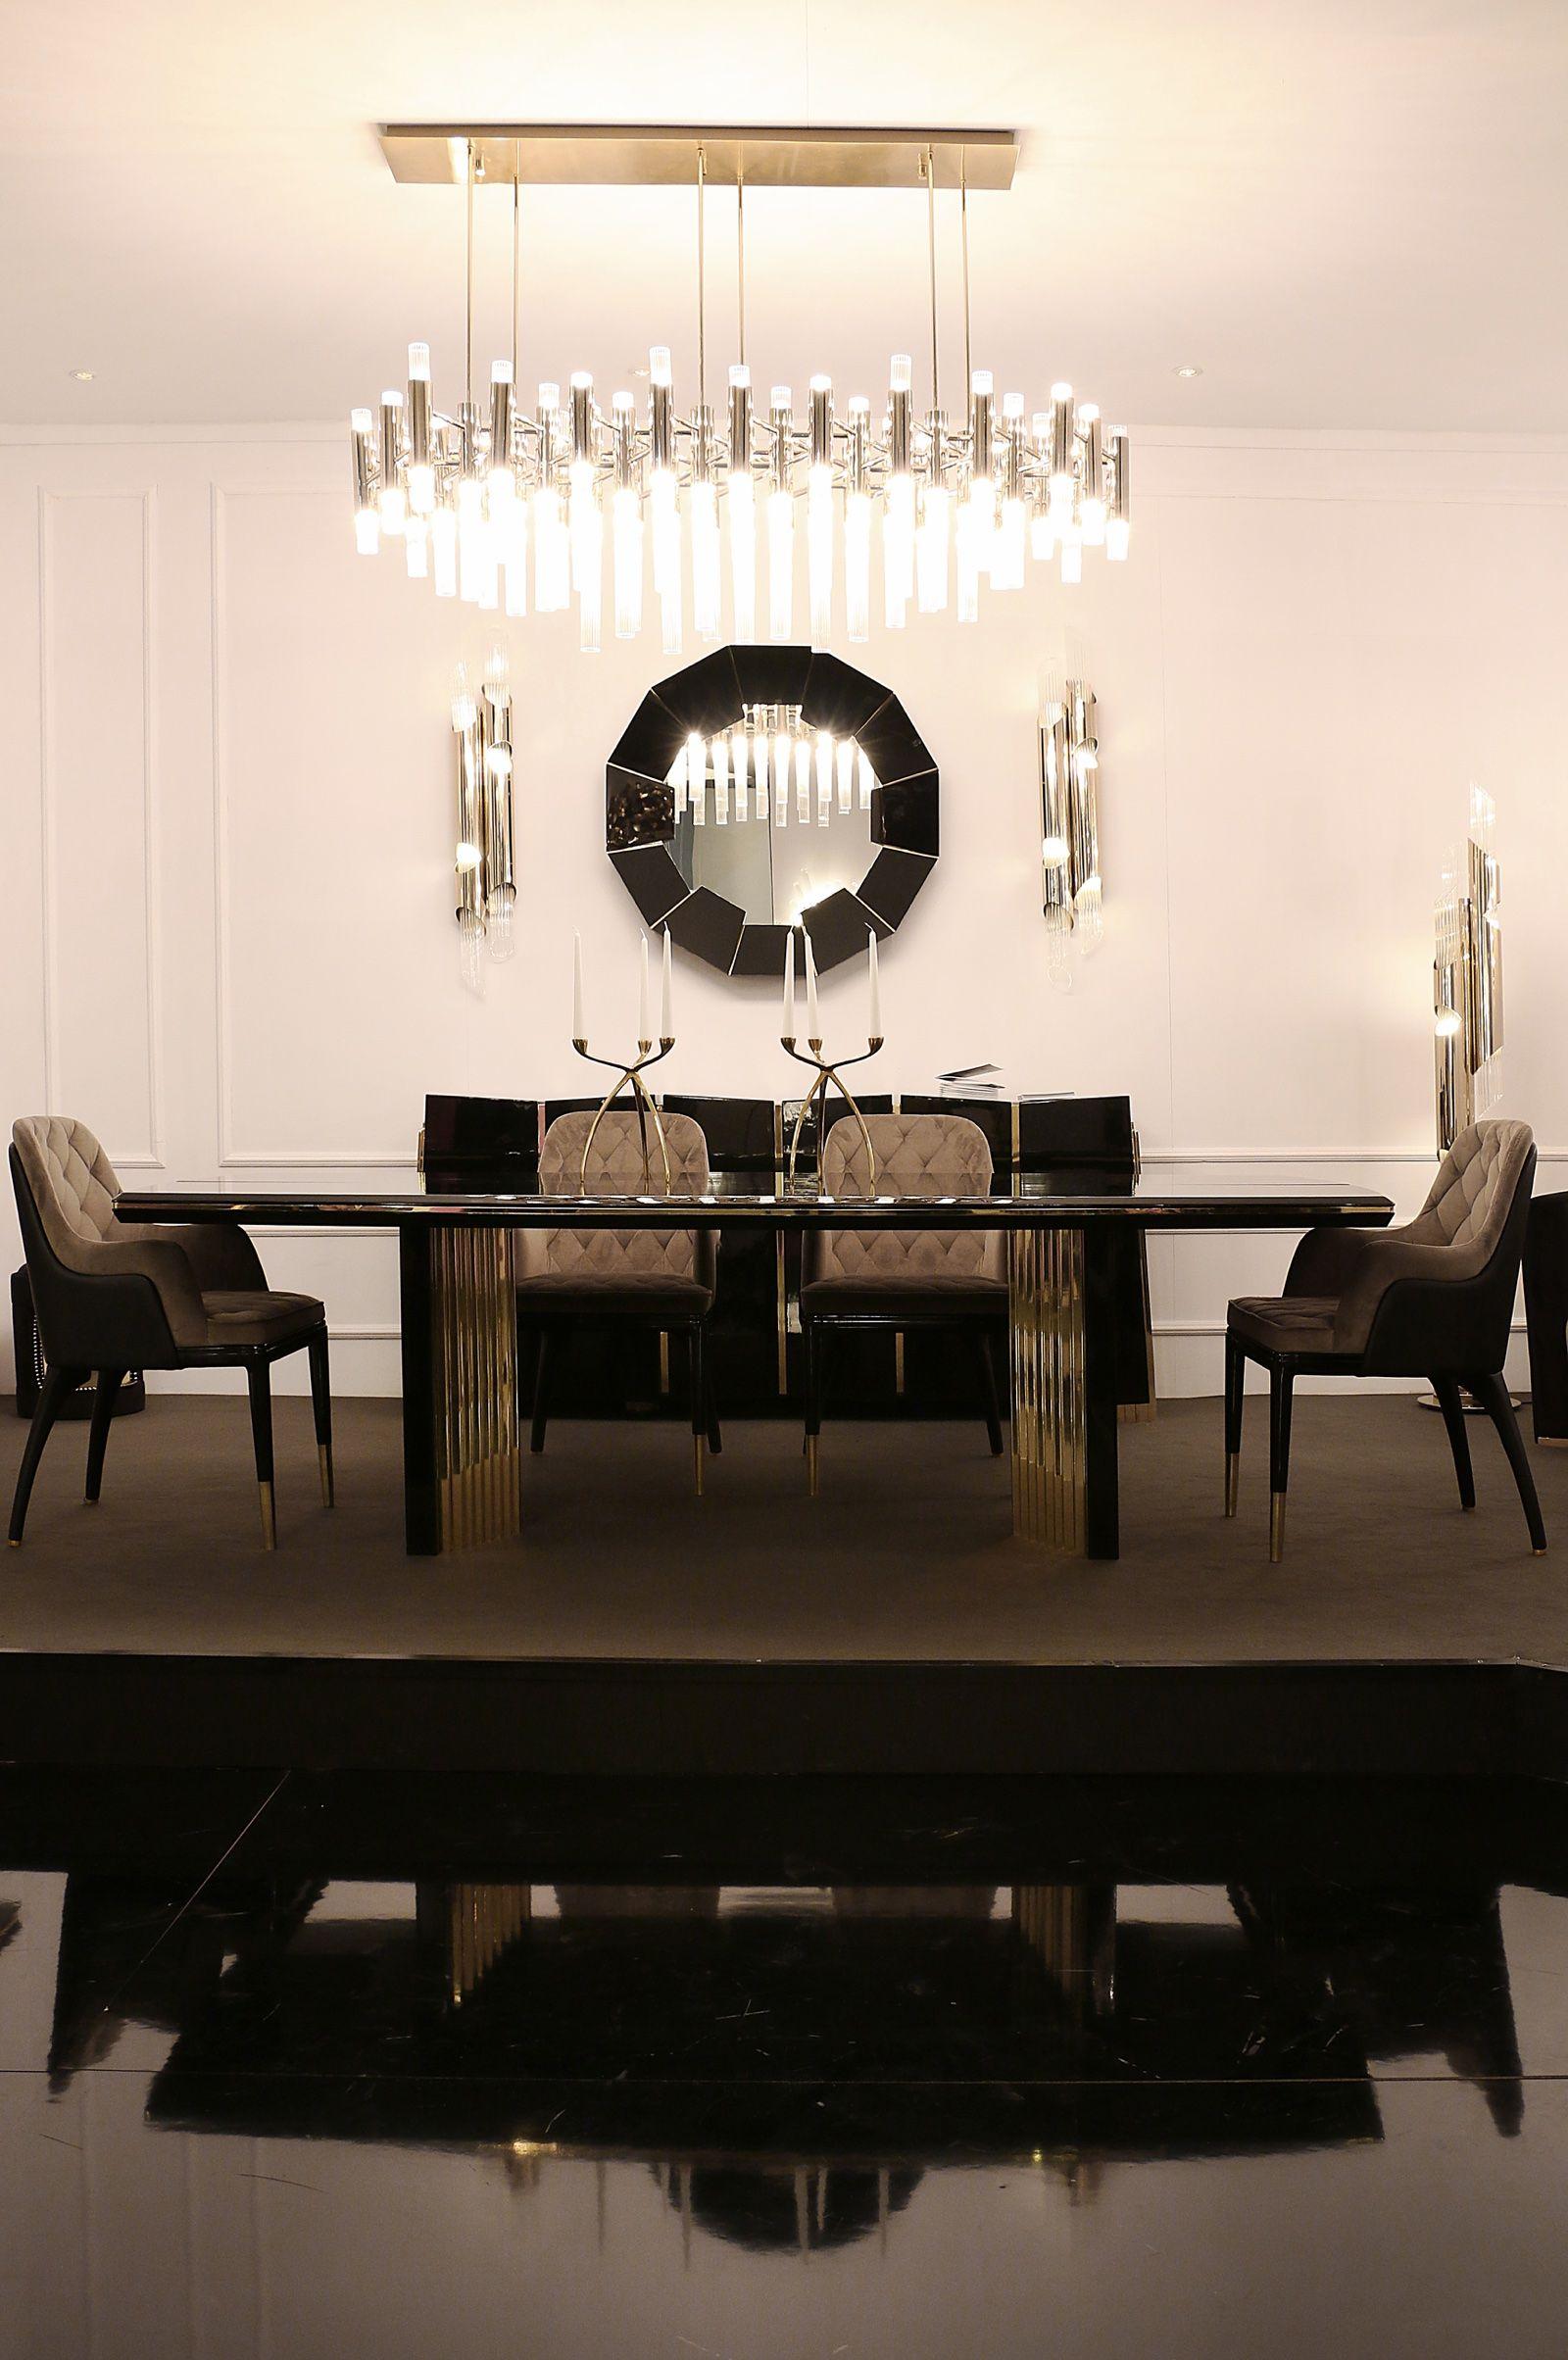 About Interior Design Modern